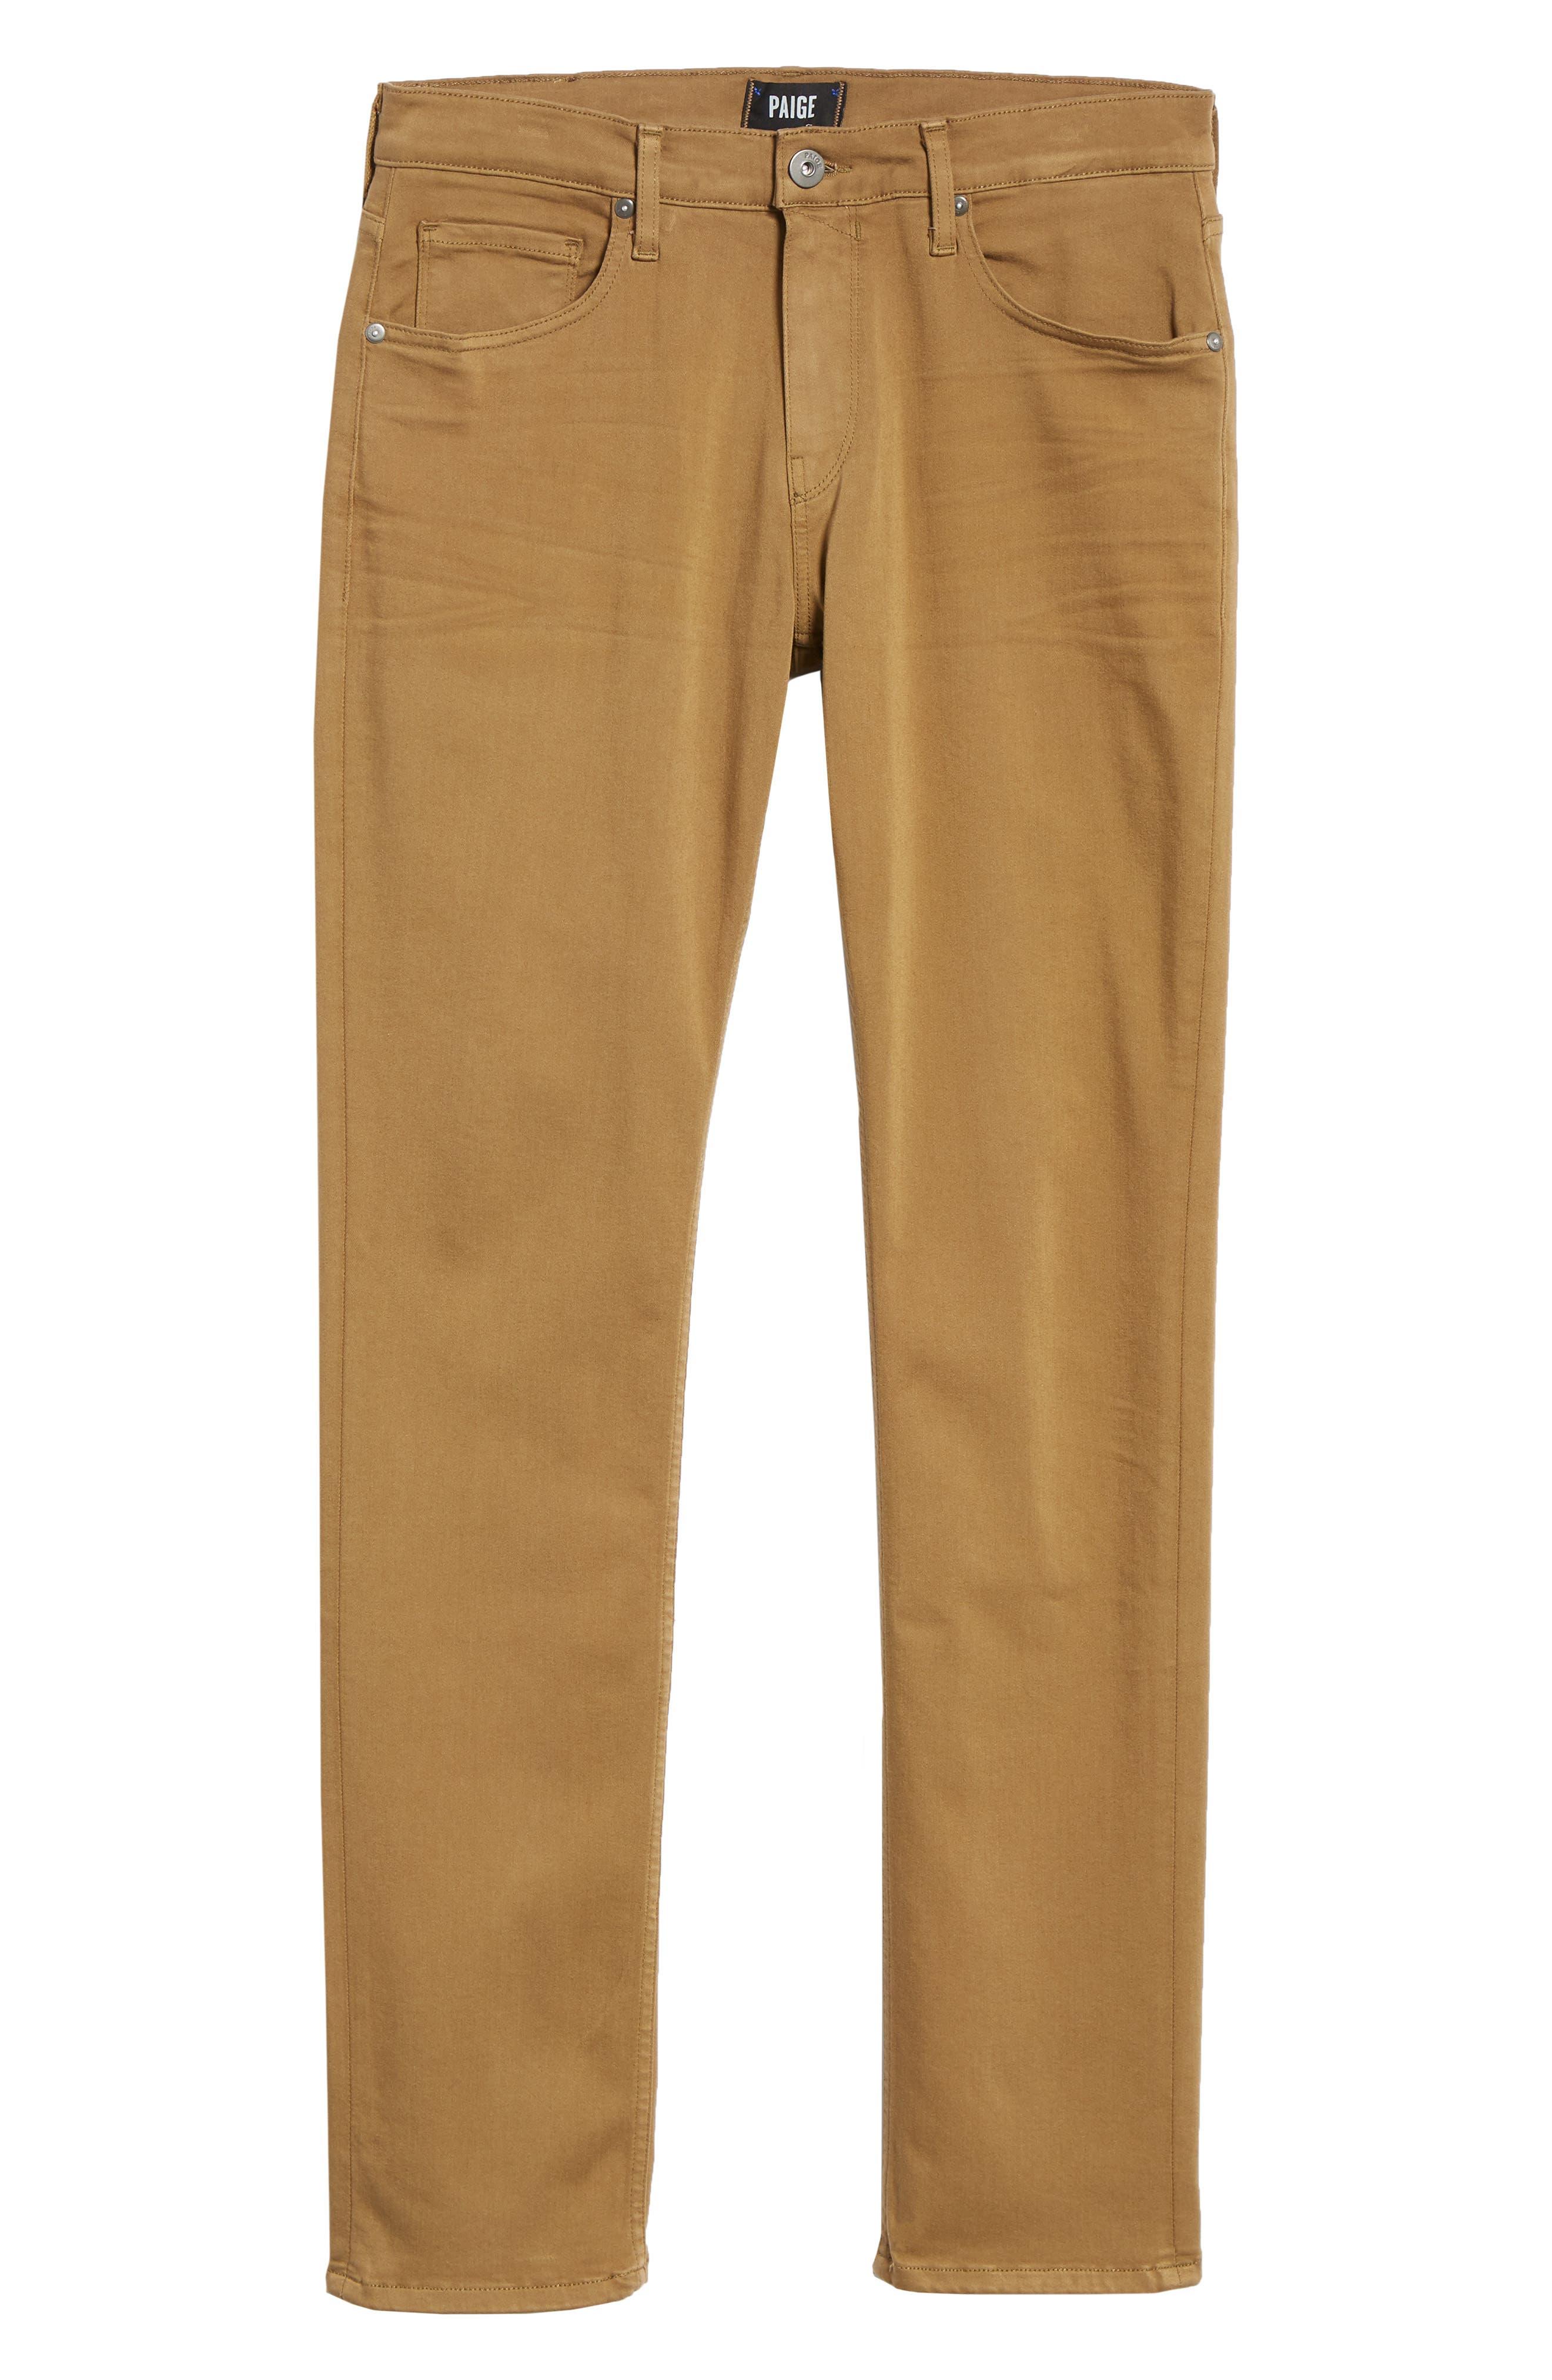 Transcend - Lennox Slim Fit Jeans,                             Alternate thumbnail 6, color,                             LAUREL TAN